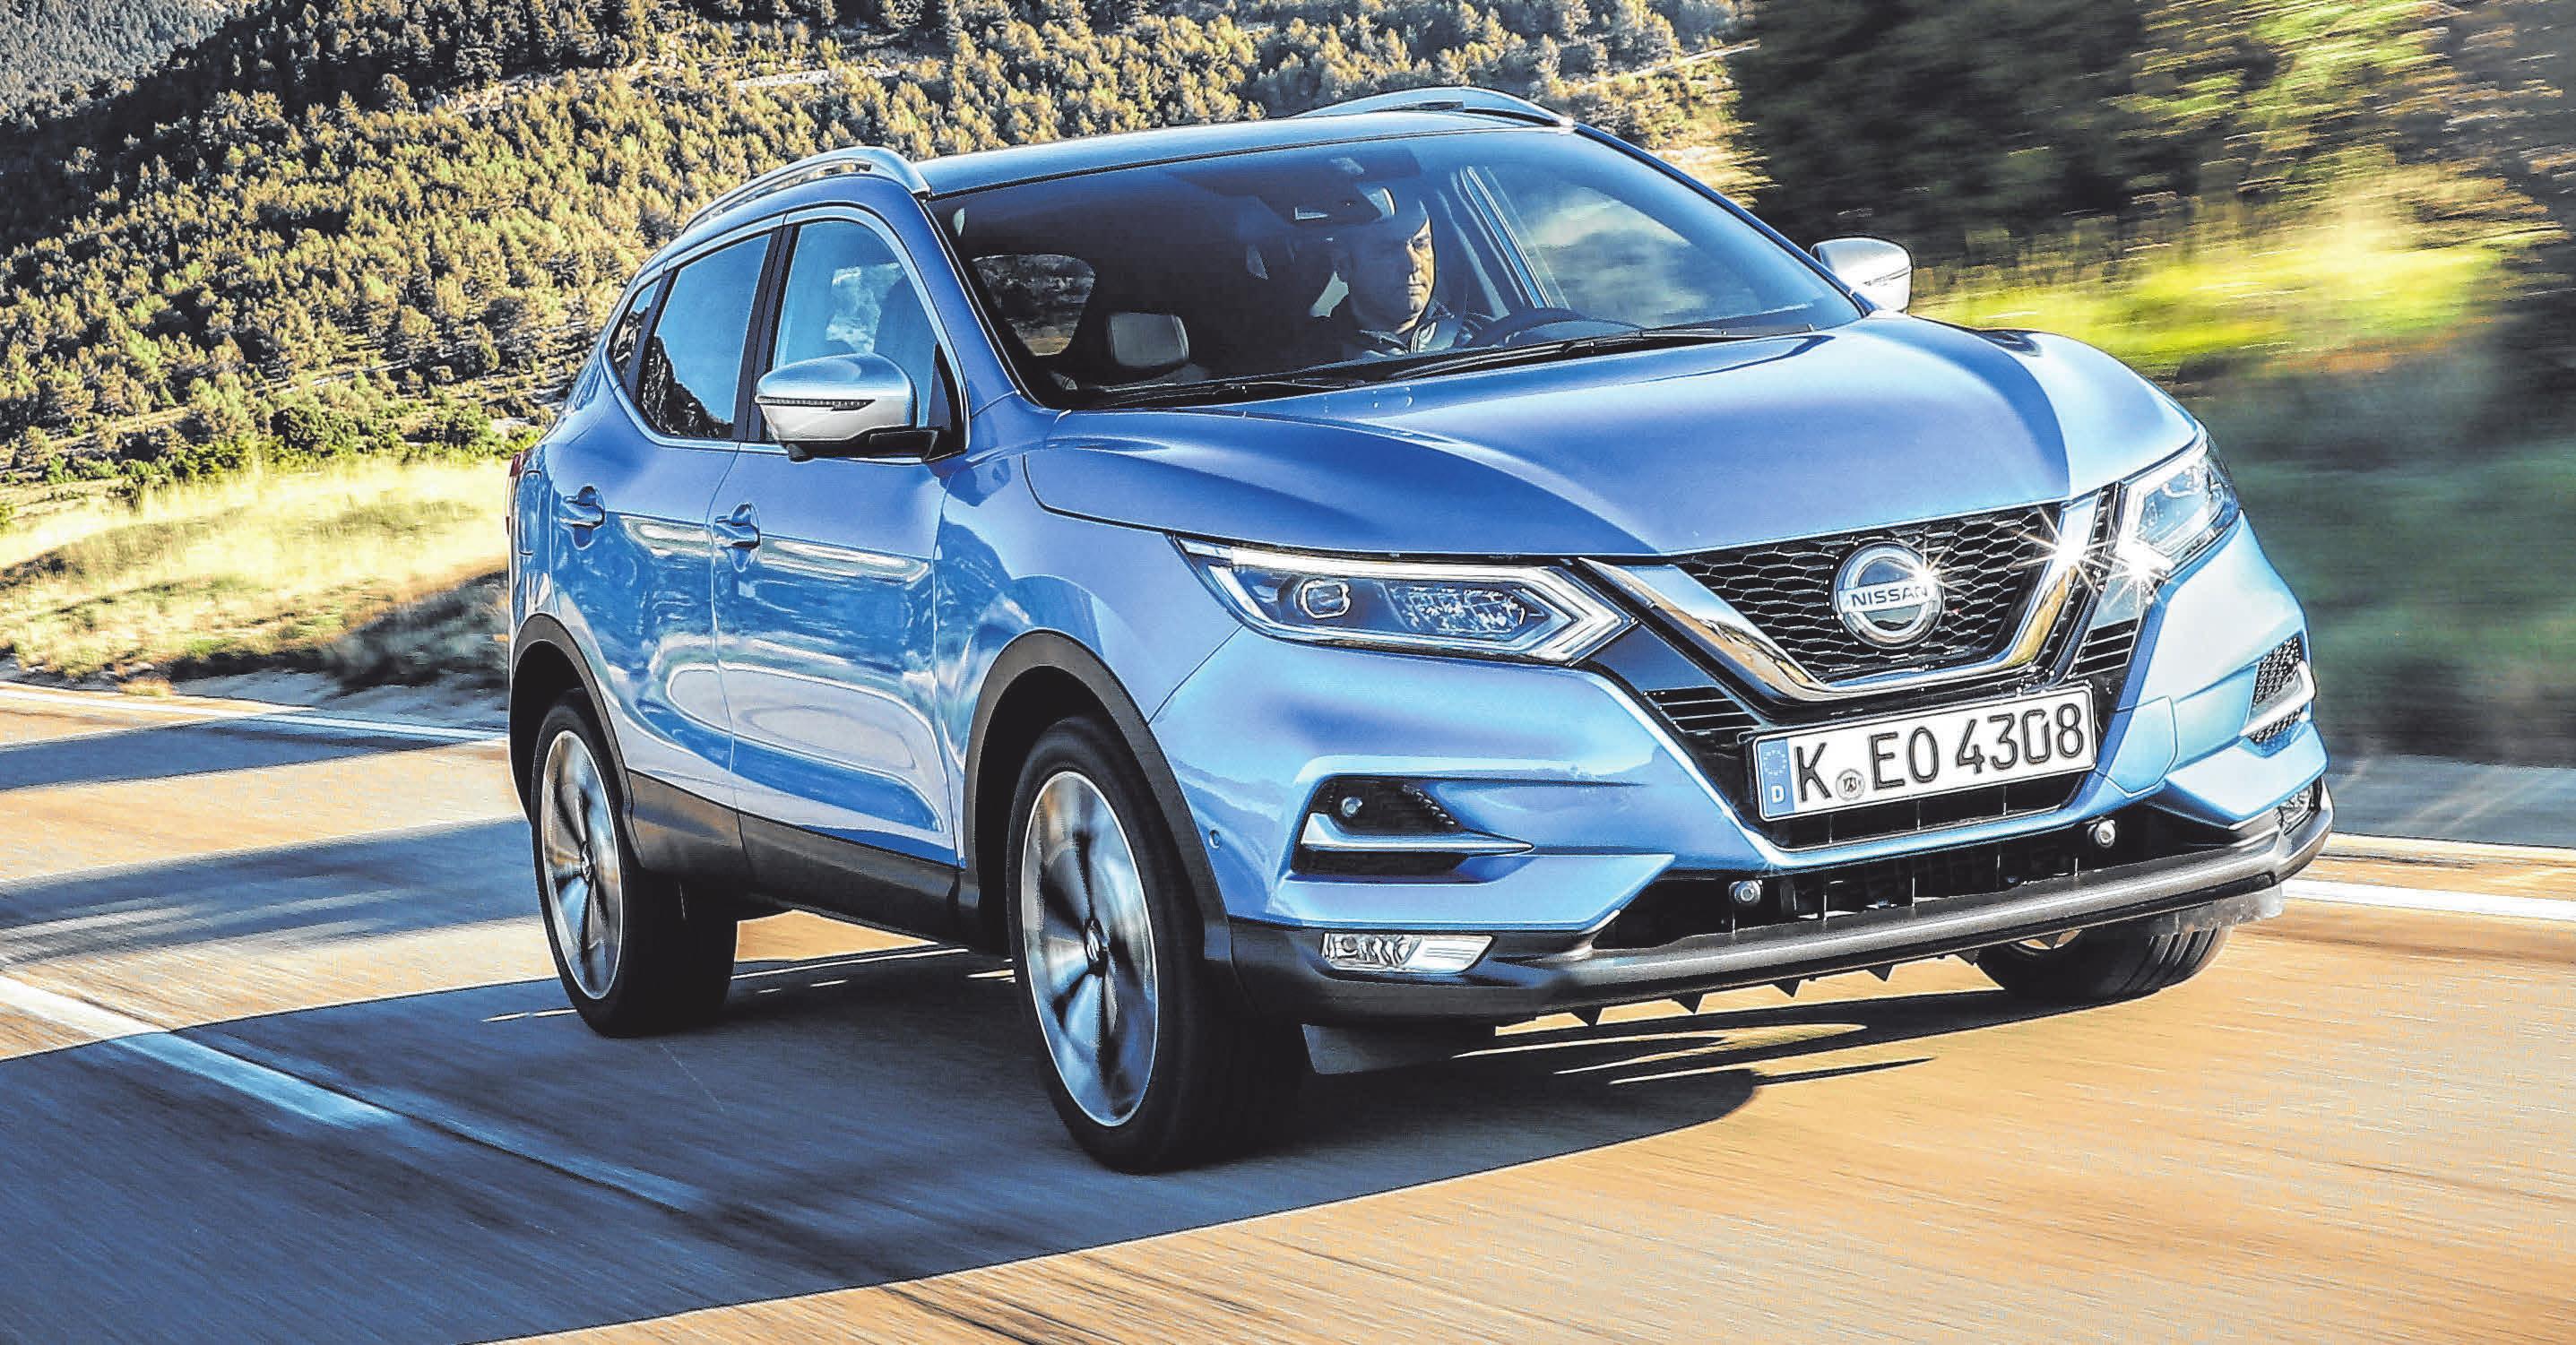 Effizient und vernetzt: Nissan hat den Erfolgscrossover Qashqai aufgewertet. FOTO: NISSAN